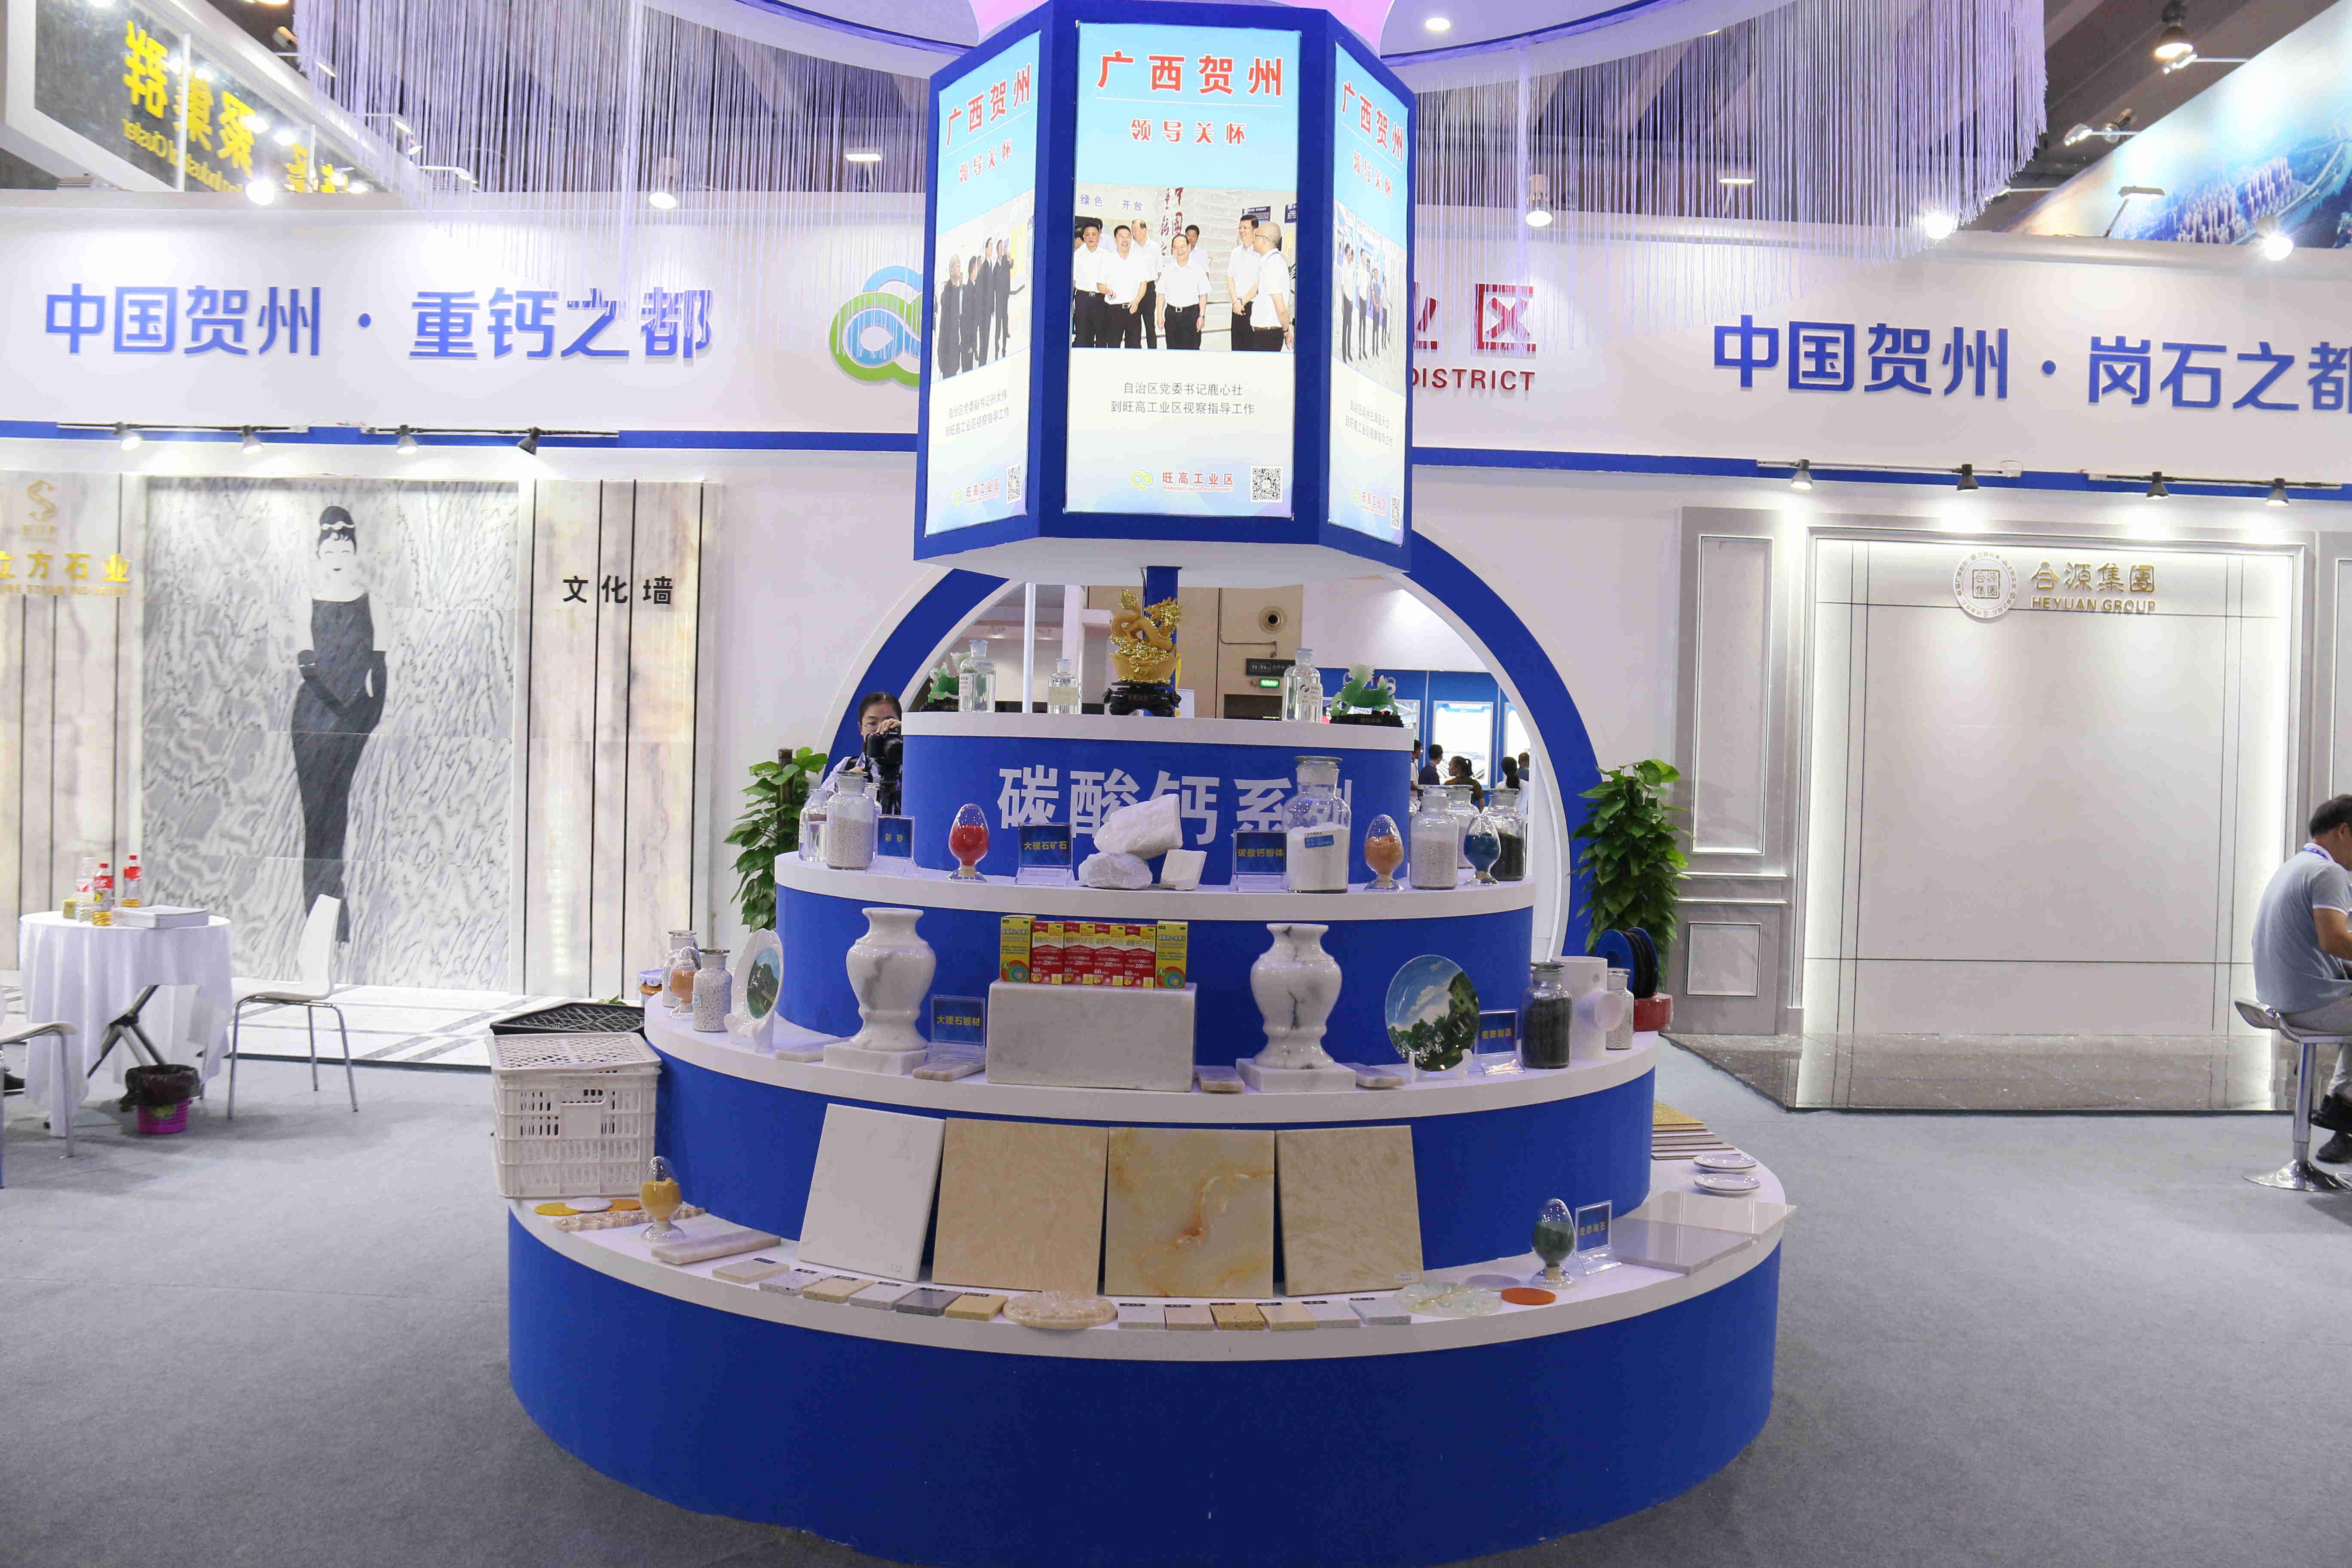 东博会:广西贺州市委书记李宏庆、市长林冠到旺高工业区碳酸钙展厅参观指导